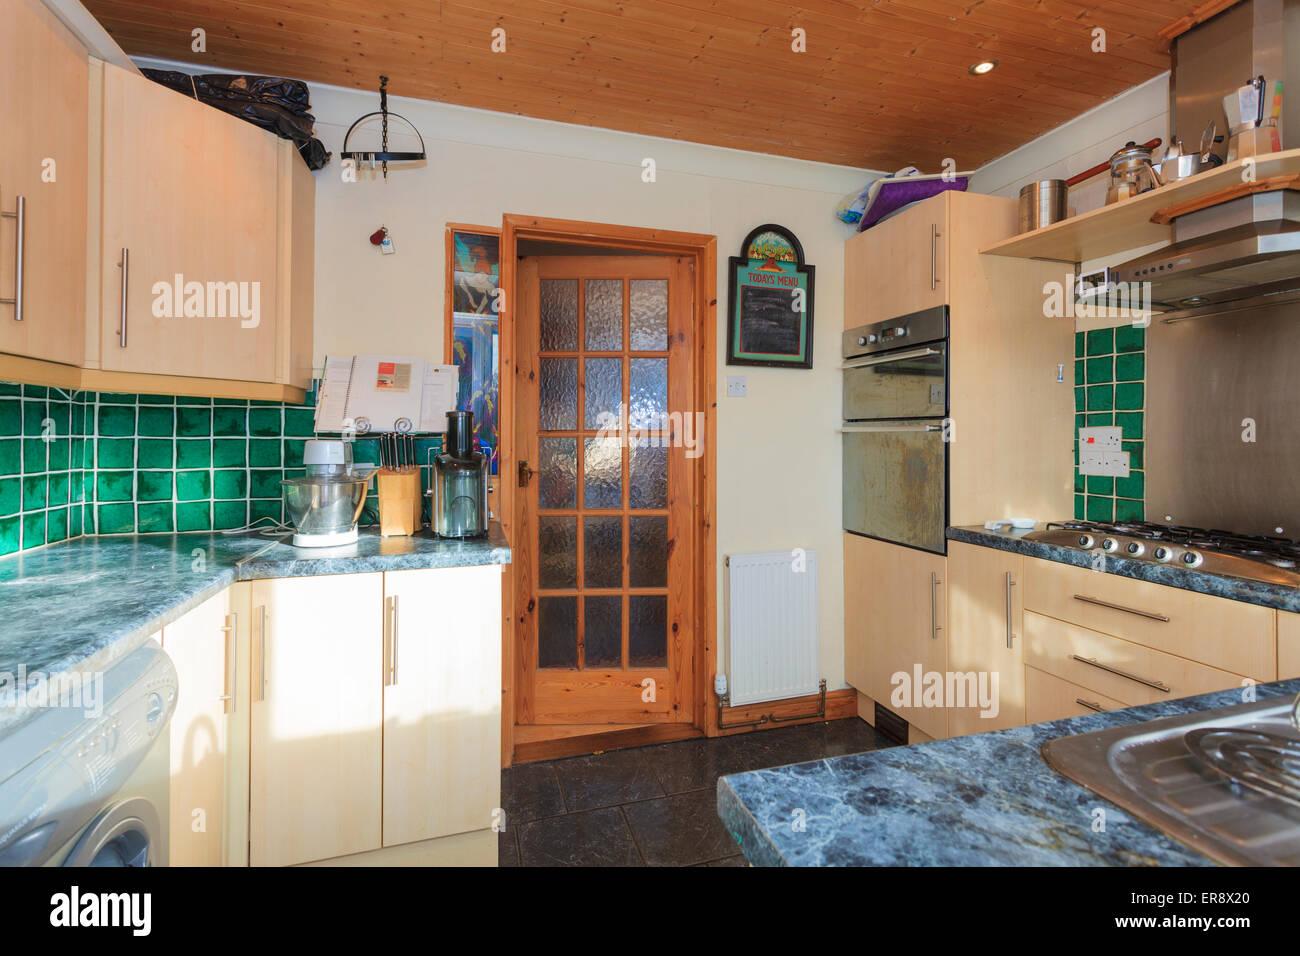 Bezaubernd Kleine Moderne Küche Beste Wahl Küche In Englischer Sprache Mit Holz Verkleidete